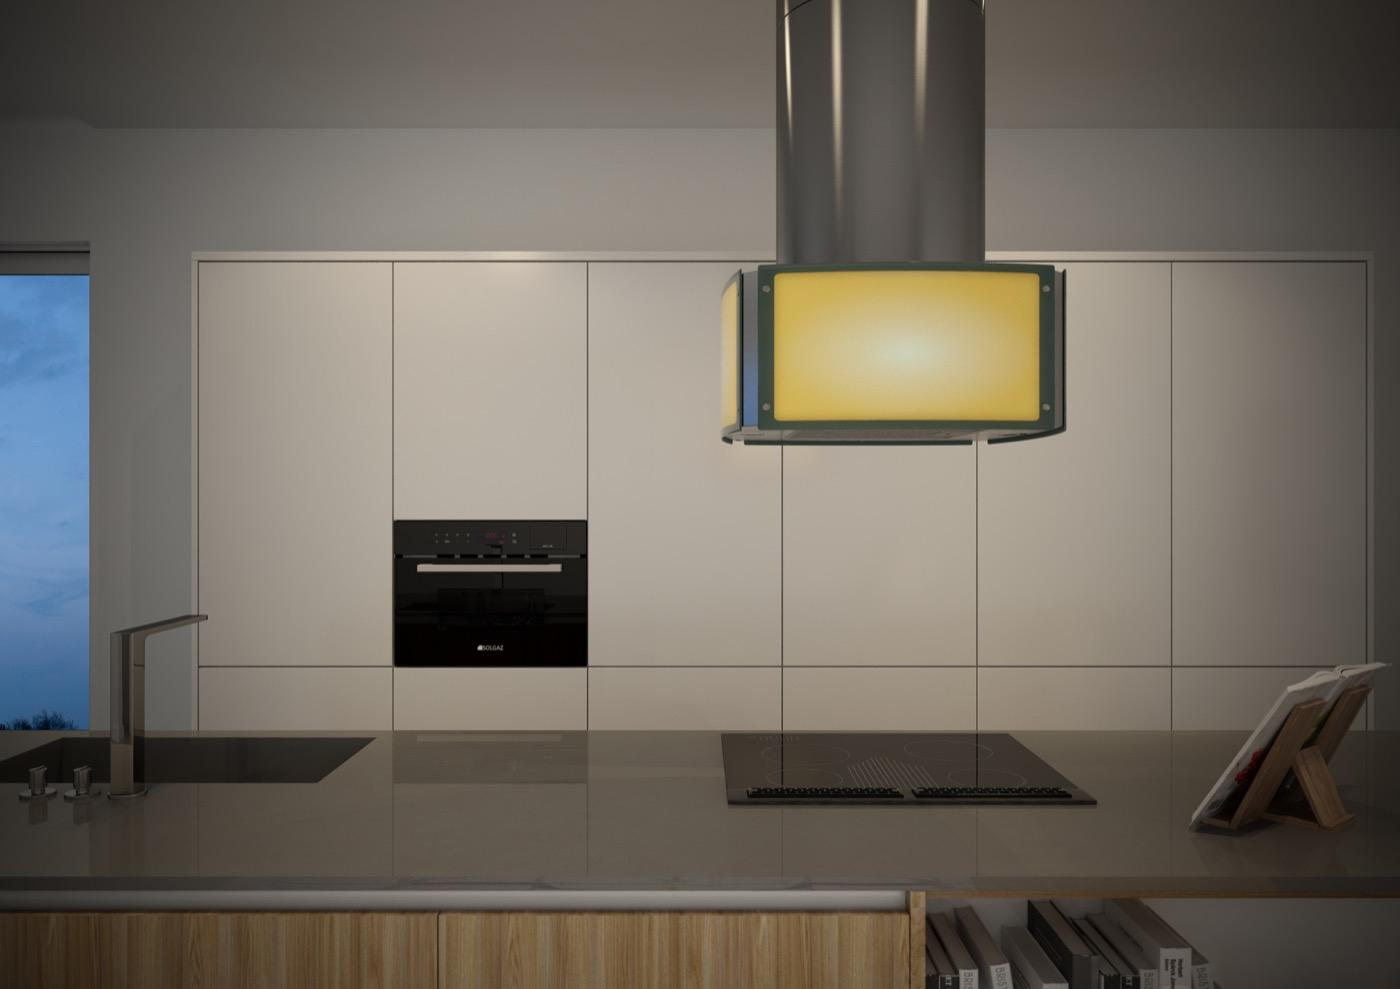 Full Size of Lampe über Kochinsel Inseldunstabzugshaube Ow Bogenlampe Esstisch Bett überlänge Schlafzimmer Sofa überzug Deckenlampen Für Wohnzimmer überdachung Garten Wohnzimmer Lampe über Kochinsel